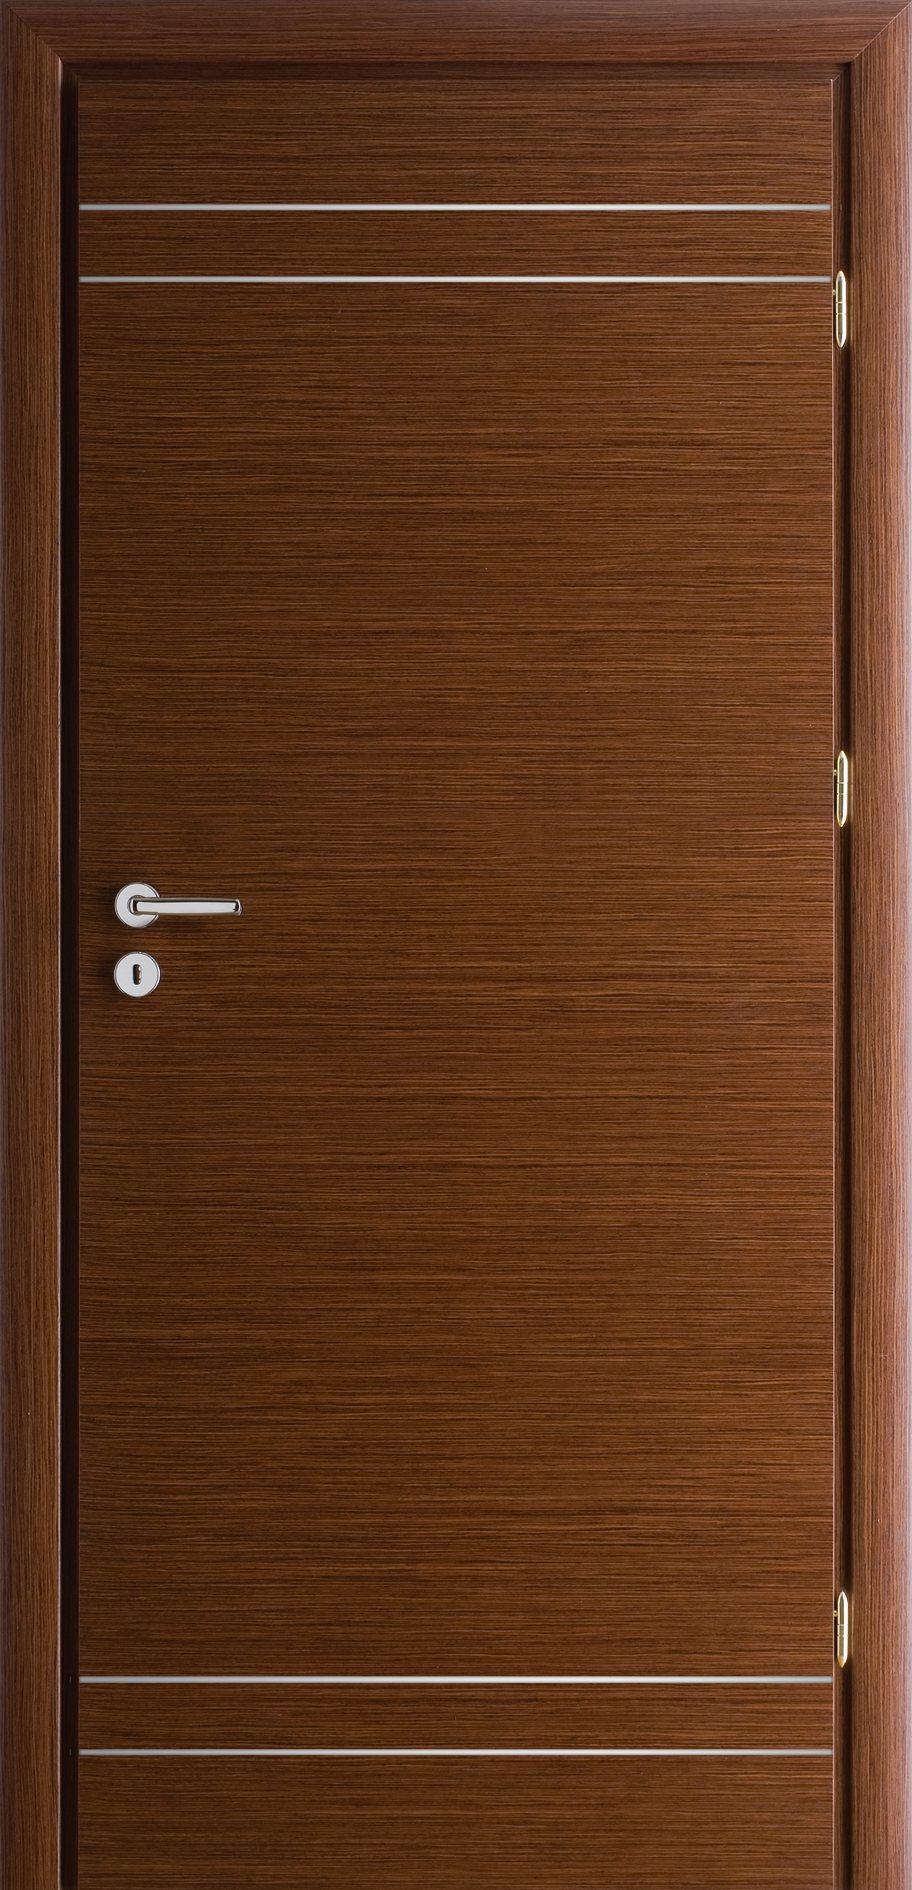 Dvere Porta Line, model D.1